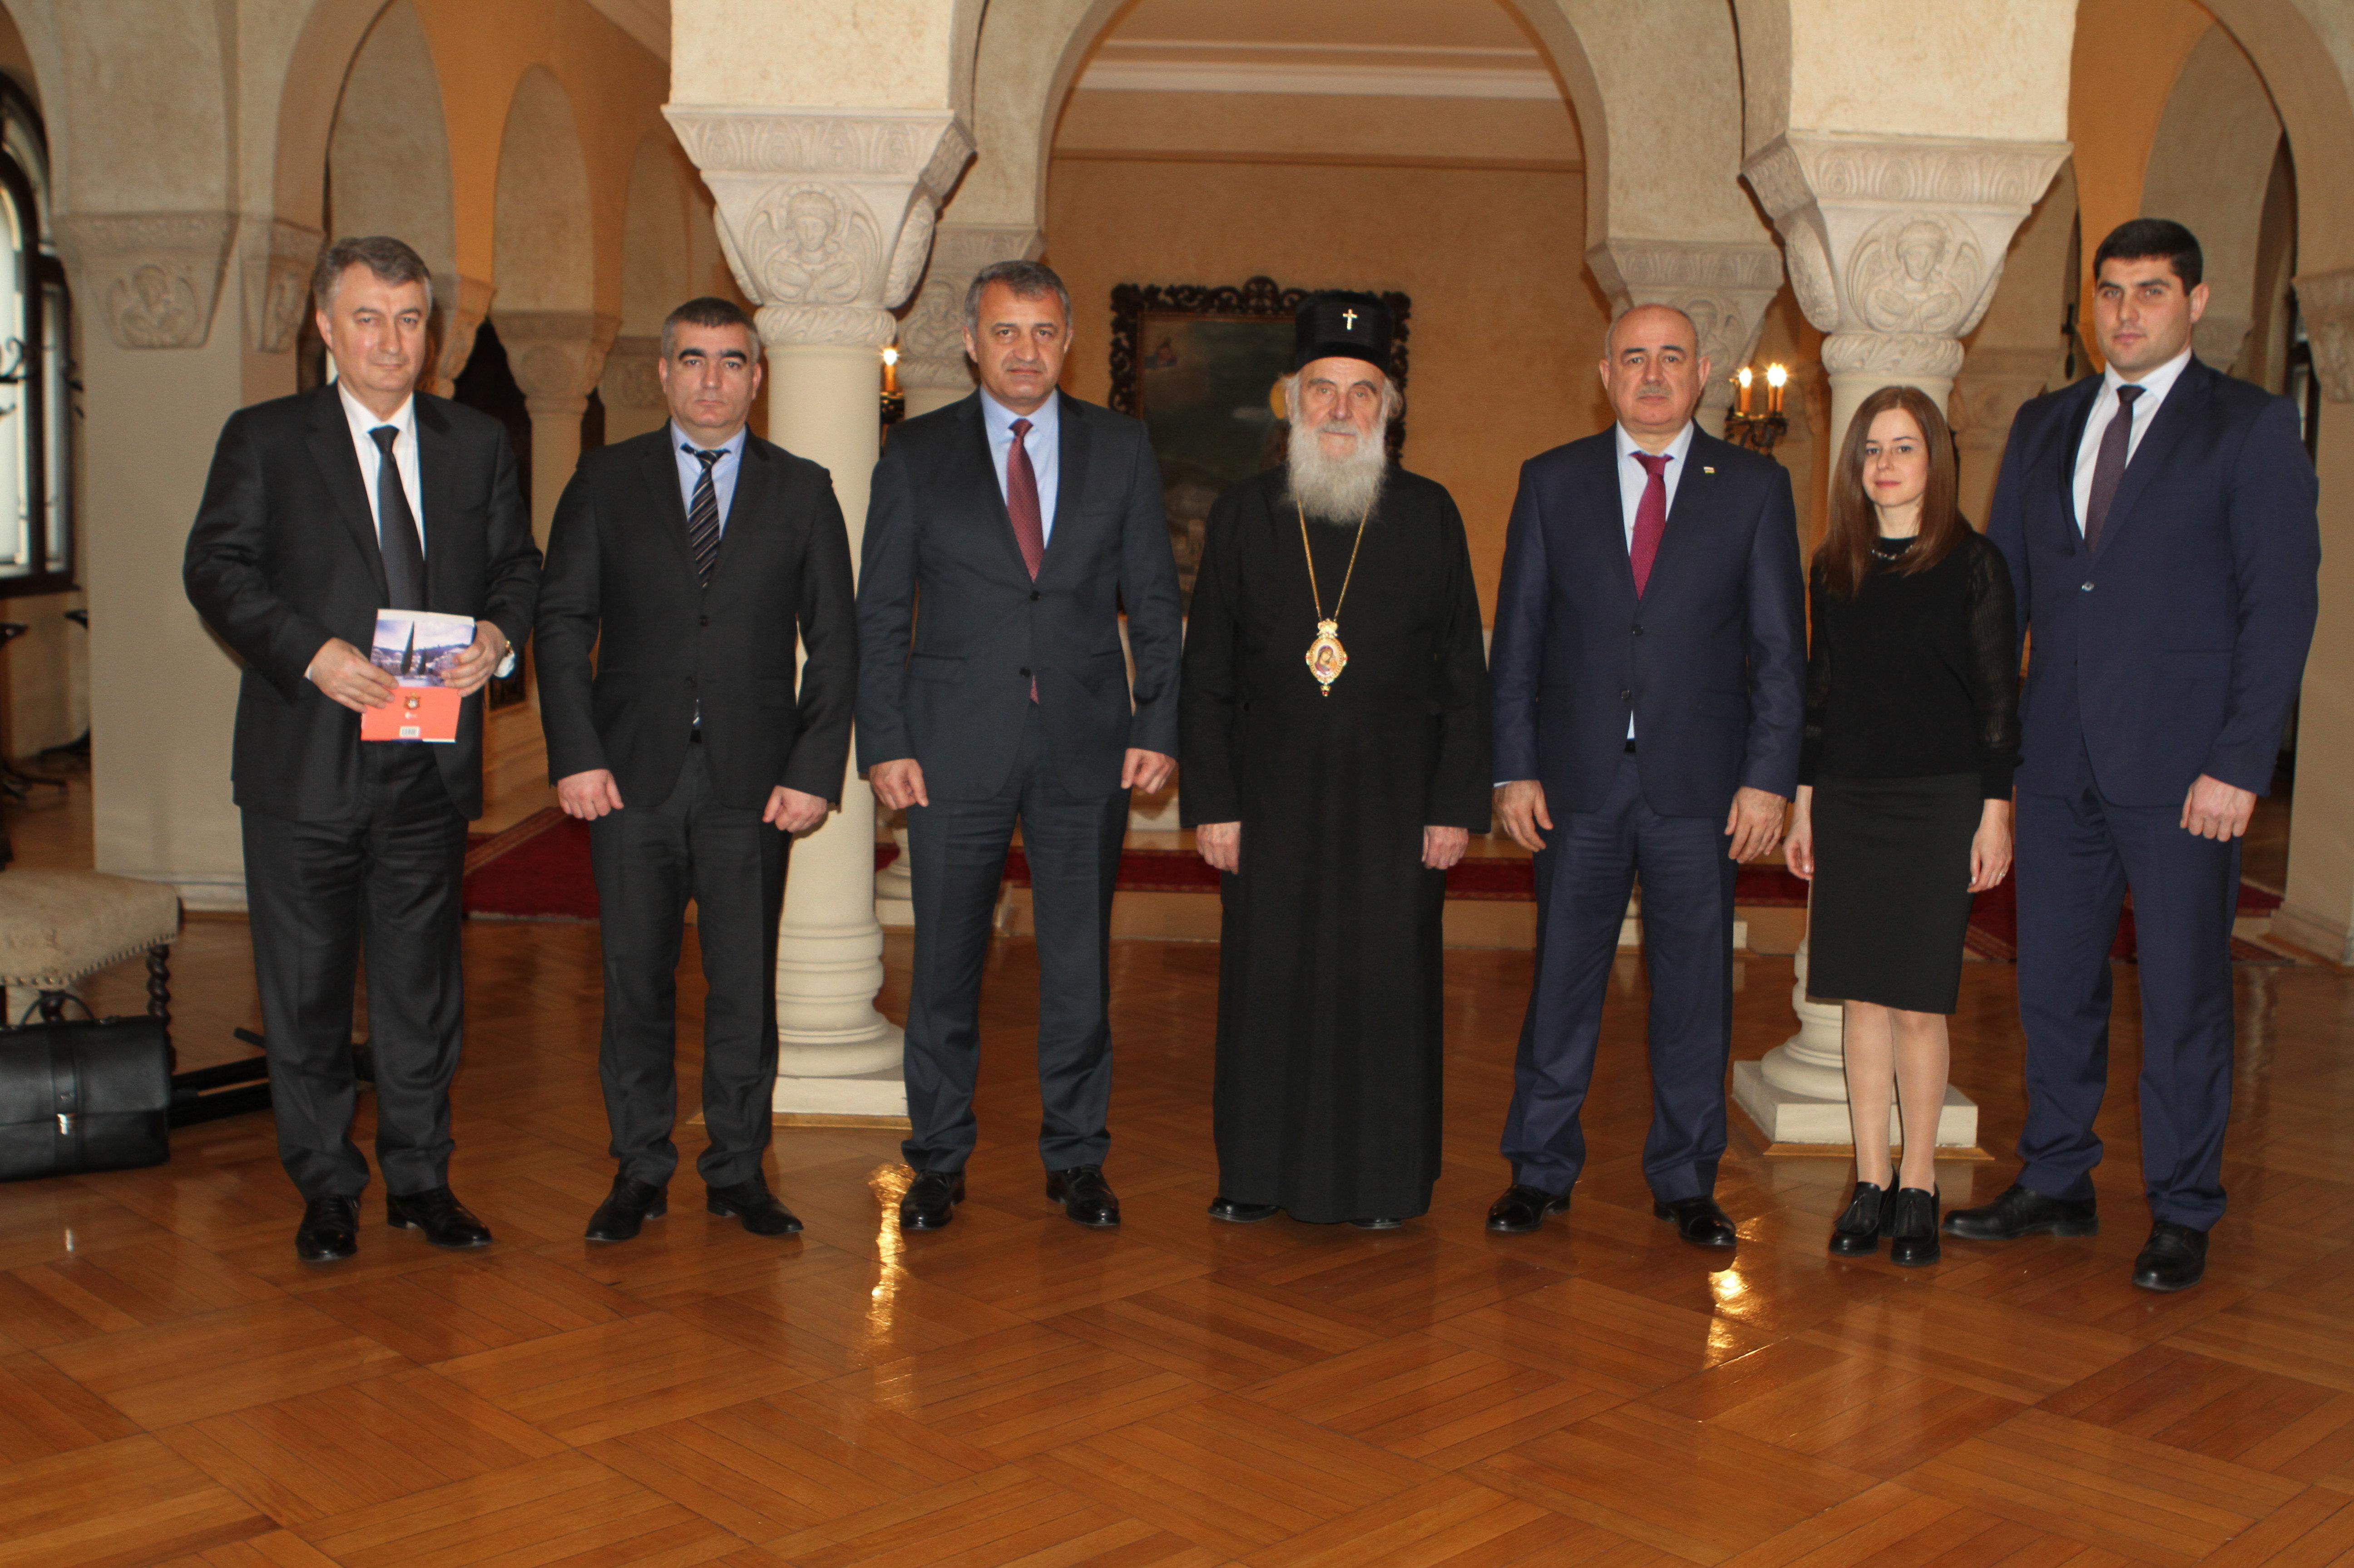 Встреча президента РЮО с патриархом Сербским